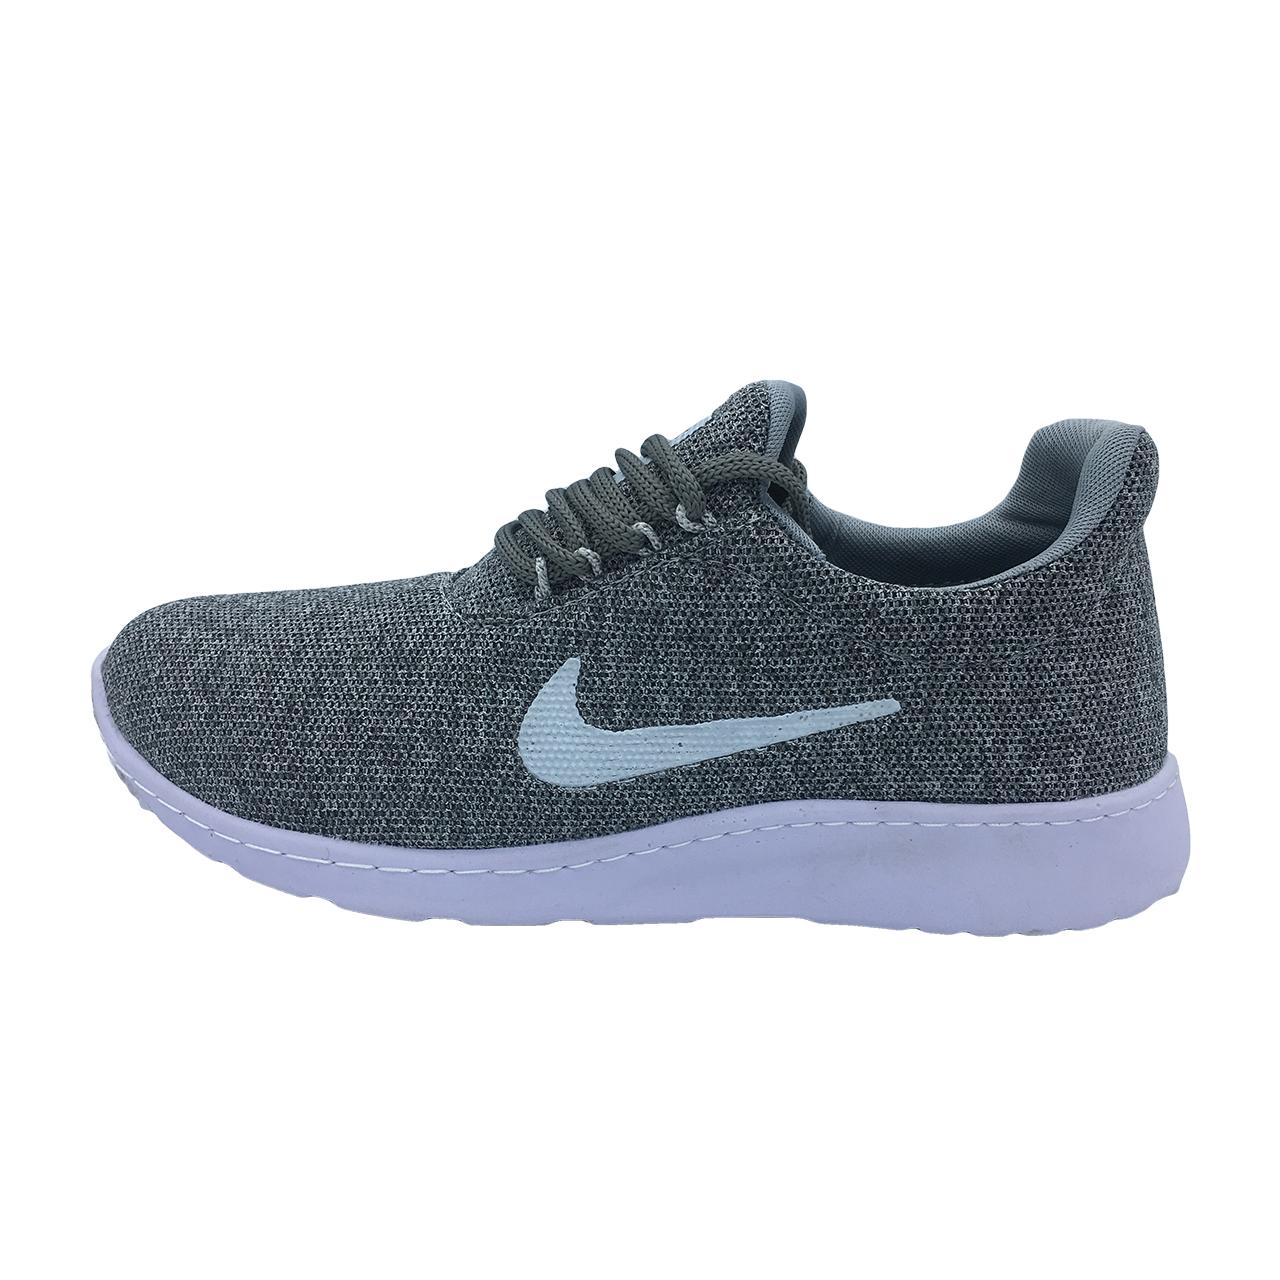 کفش مخصوص پیاده روی مردانه مدل N100 رنگ طوسی